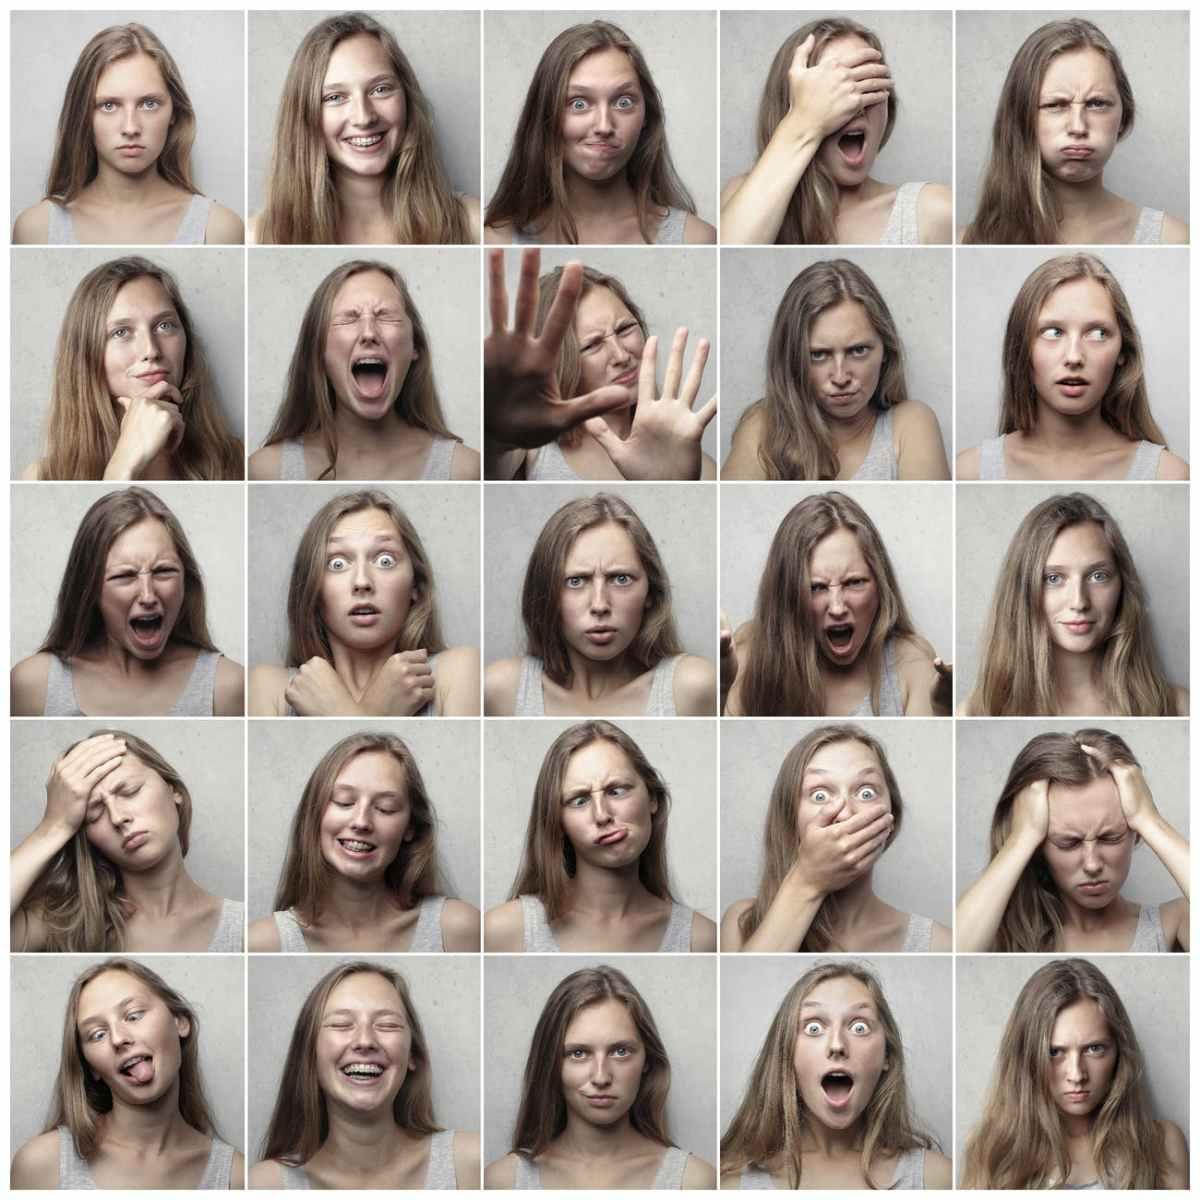 cuales-son-las-emociones-en-el-proceso-de-coaching